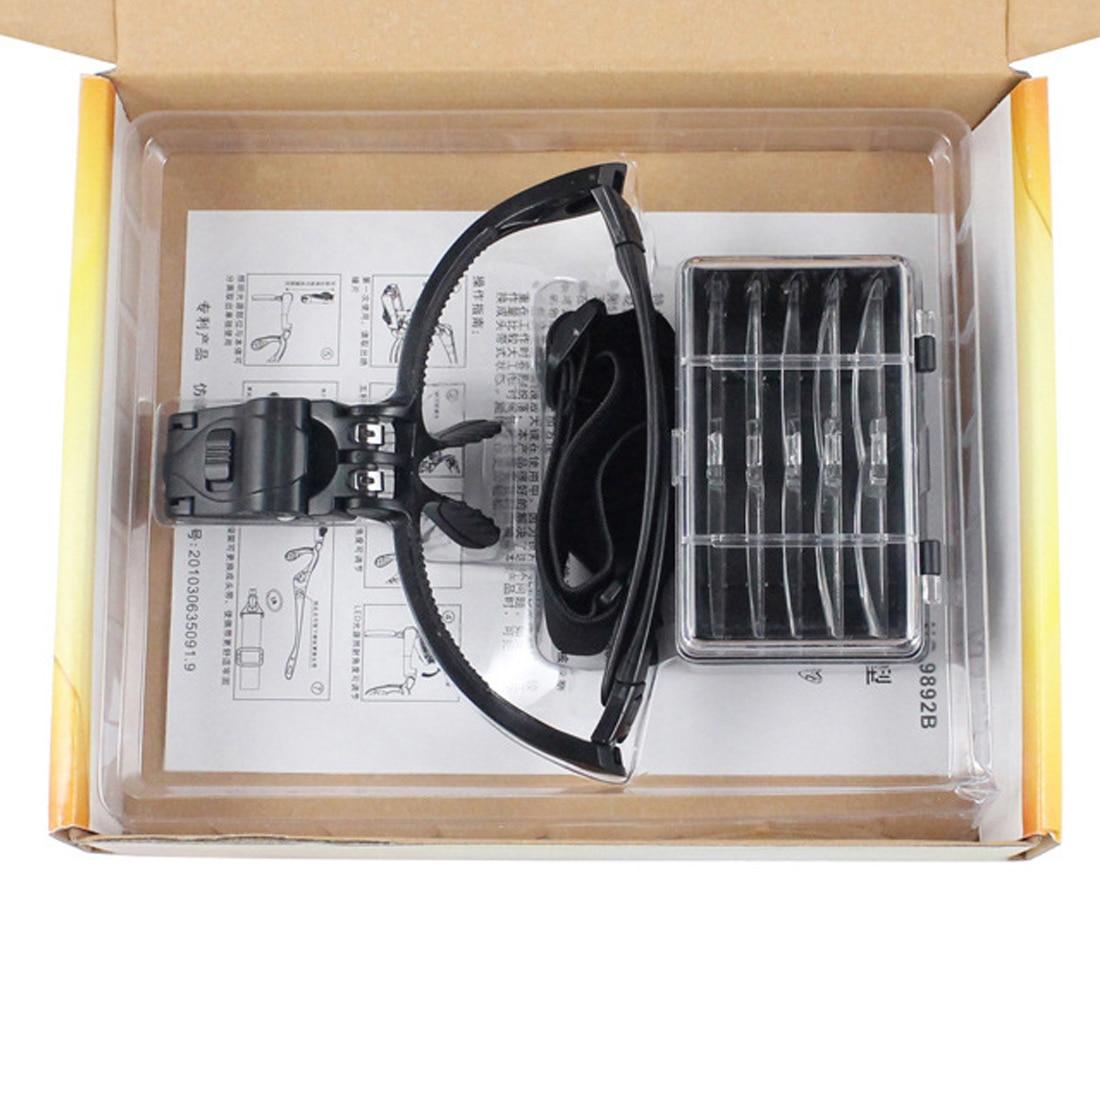 2 lupa de reparación de ojo de lupa de luz LED con lámpara 1,0/1,5/3,5 Unid/2,5/2,0X5 PC